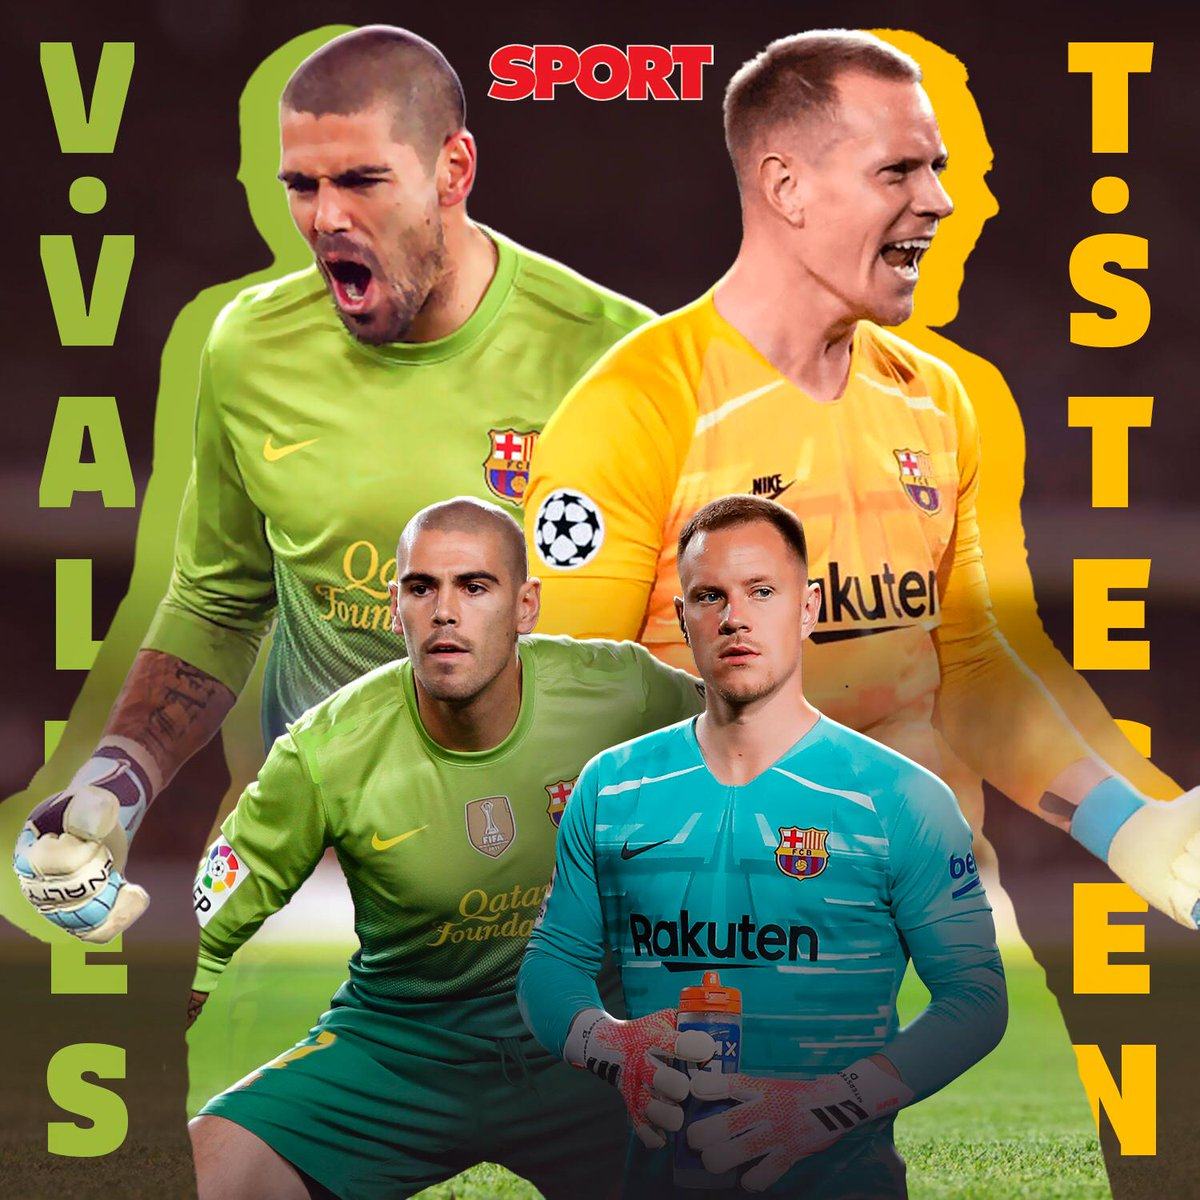 RT @sport: 🥺 Hoy en decisiones difíciles...  🧐 ¿Valdés o Ter Stegen? 🔵🔴  ❤️ Ter Stegen 🔄 Valdés https://t.co/guMf7HlG2L